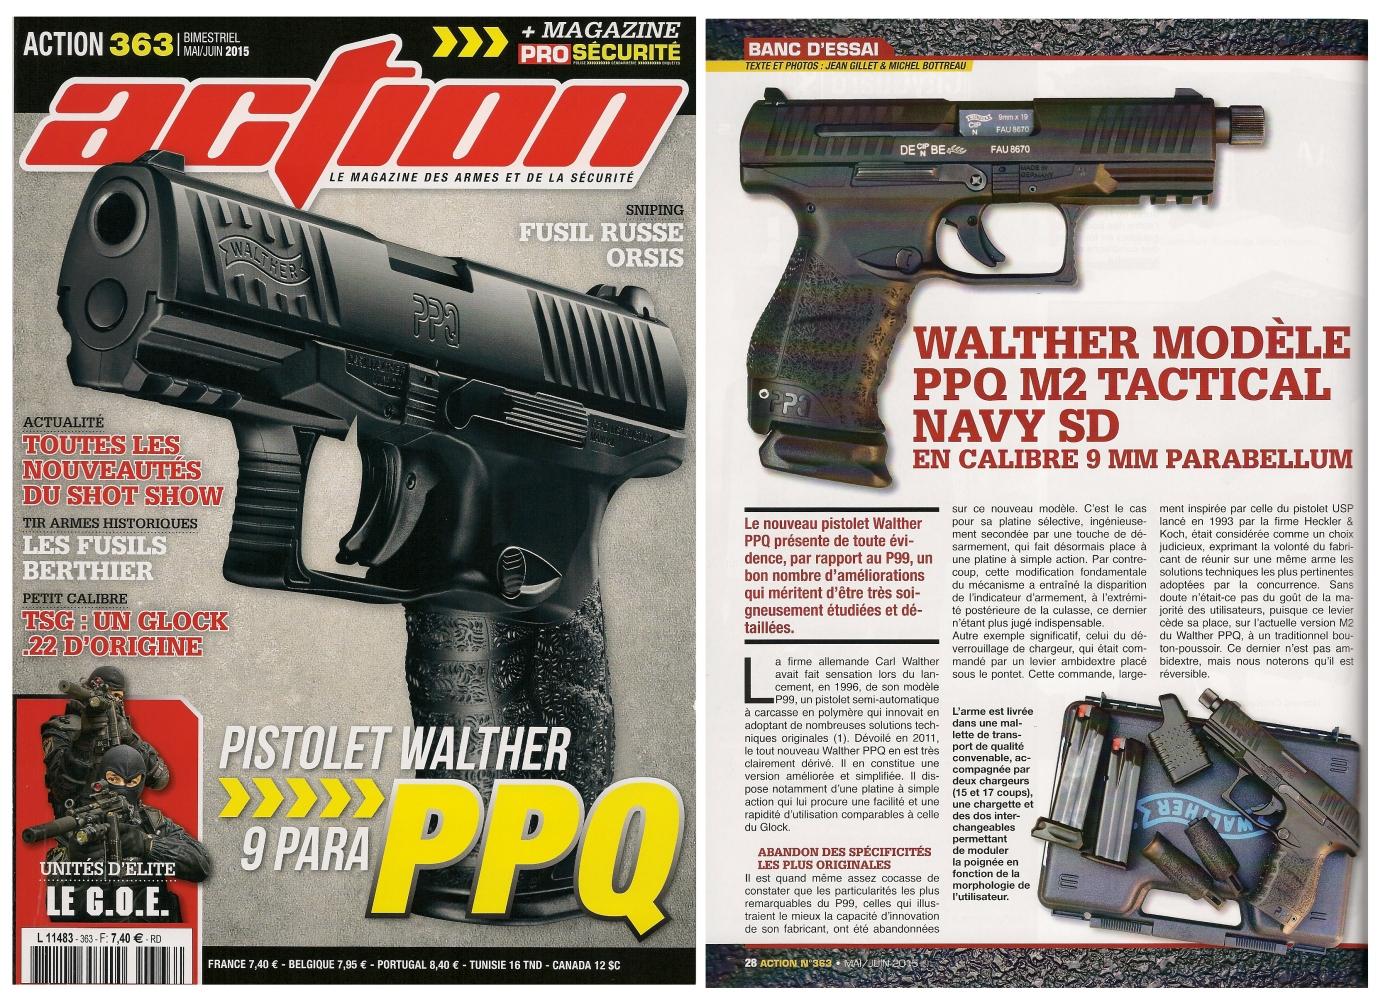 Le banc d'essai du Walther PPQ M2 Tactical Navy SD a été publié sur 6 pages dans le magazine Action n°363 (mai/juin 2015).